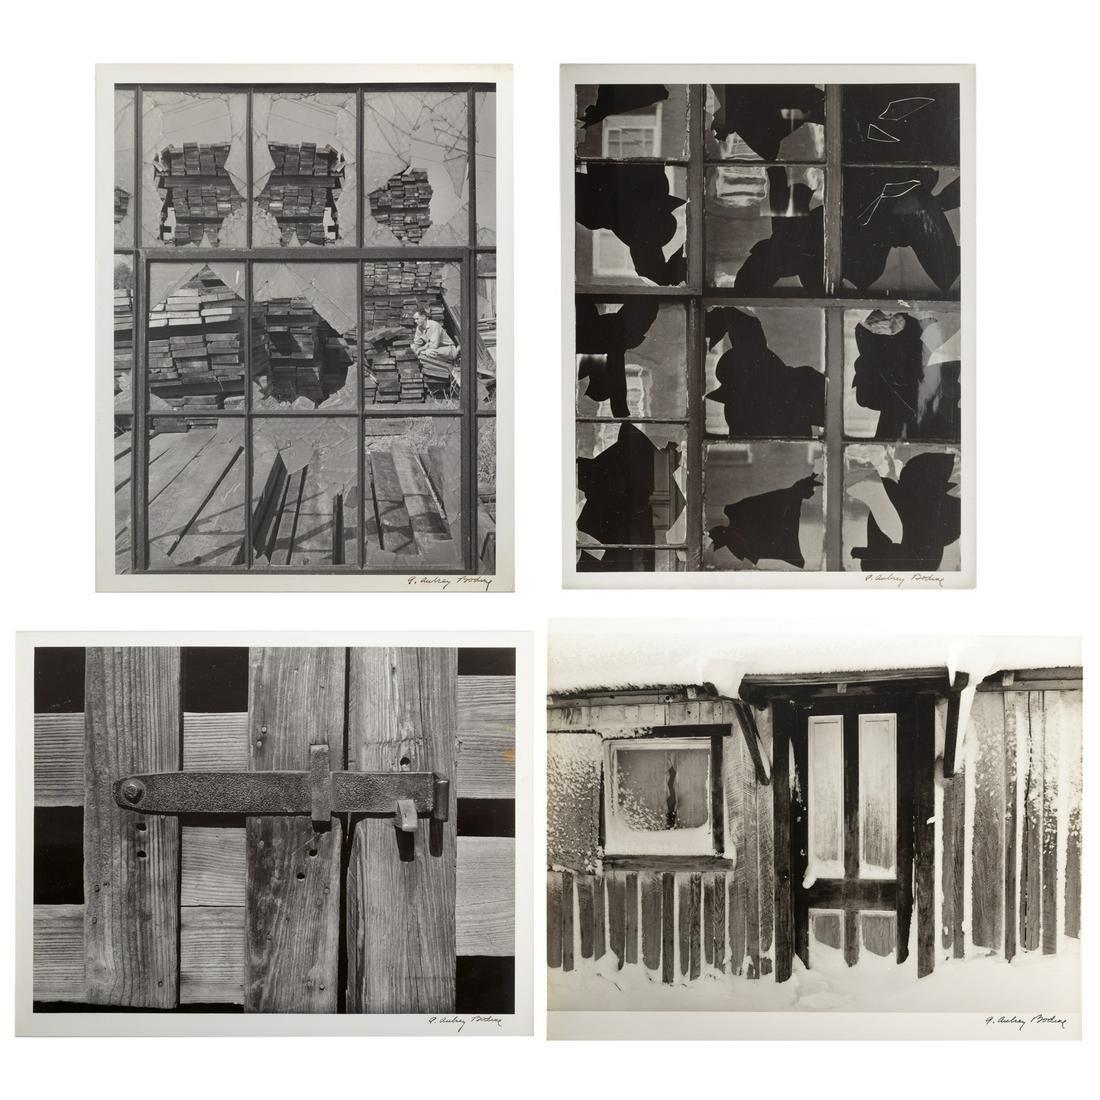 A. Aubrey Bodine. Four Unframed Photographs